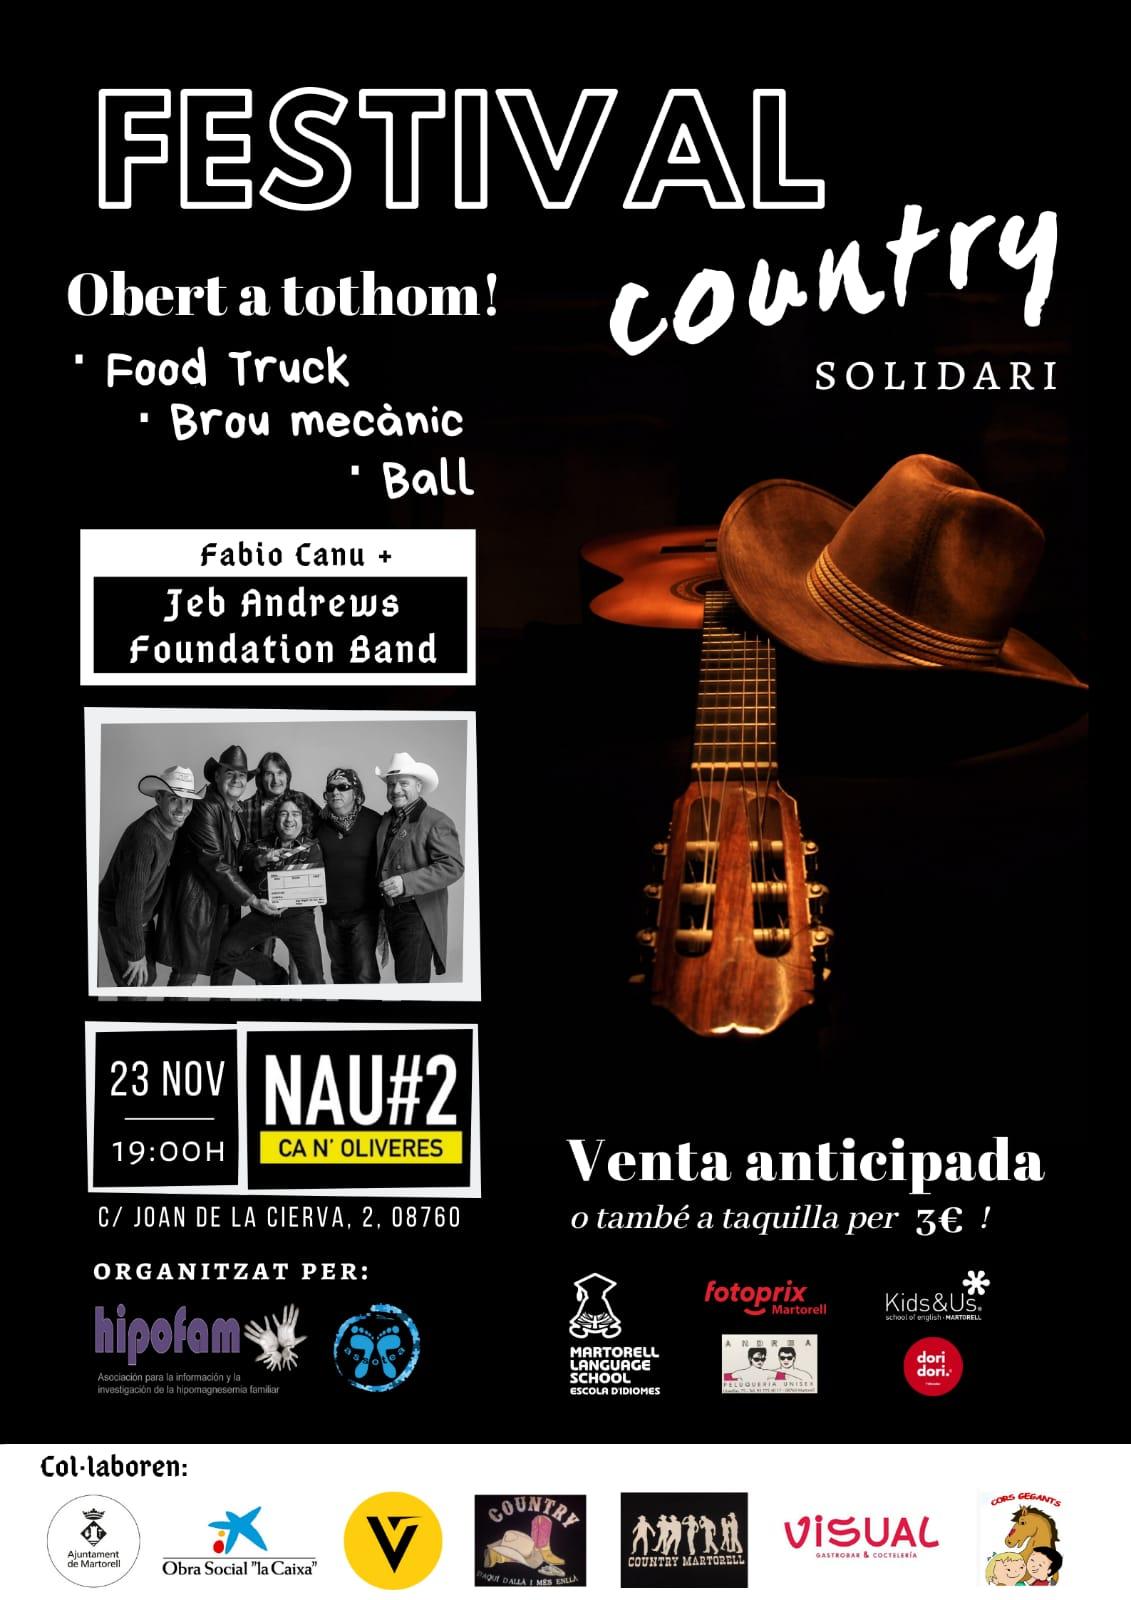 Festival solidari country